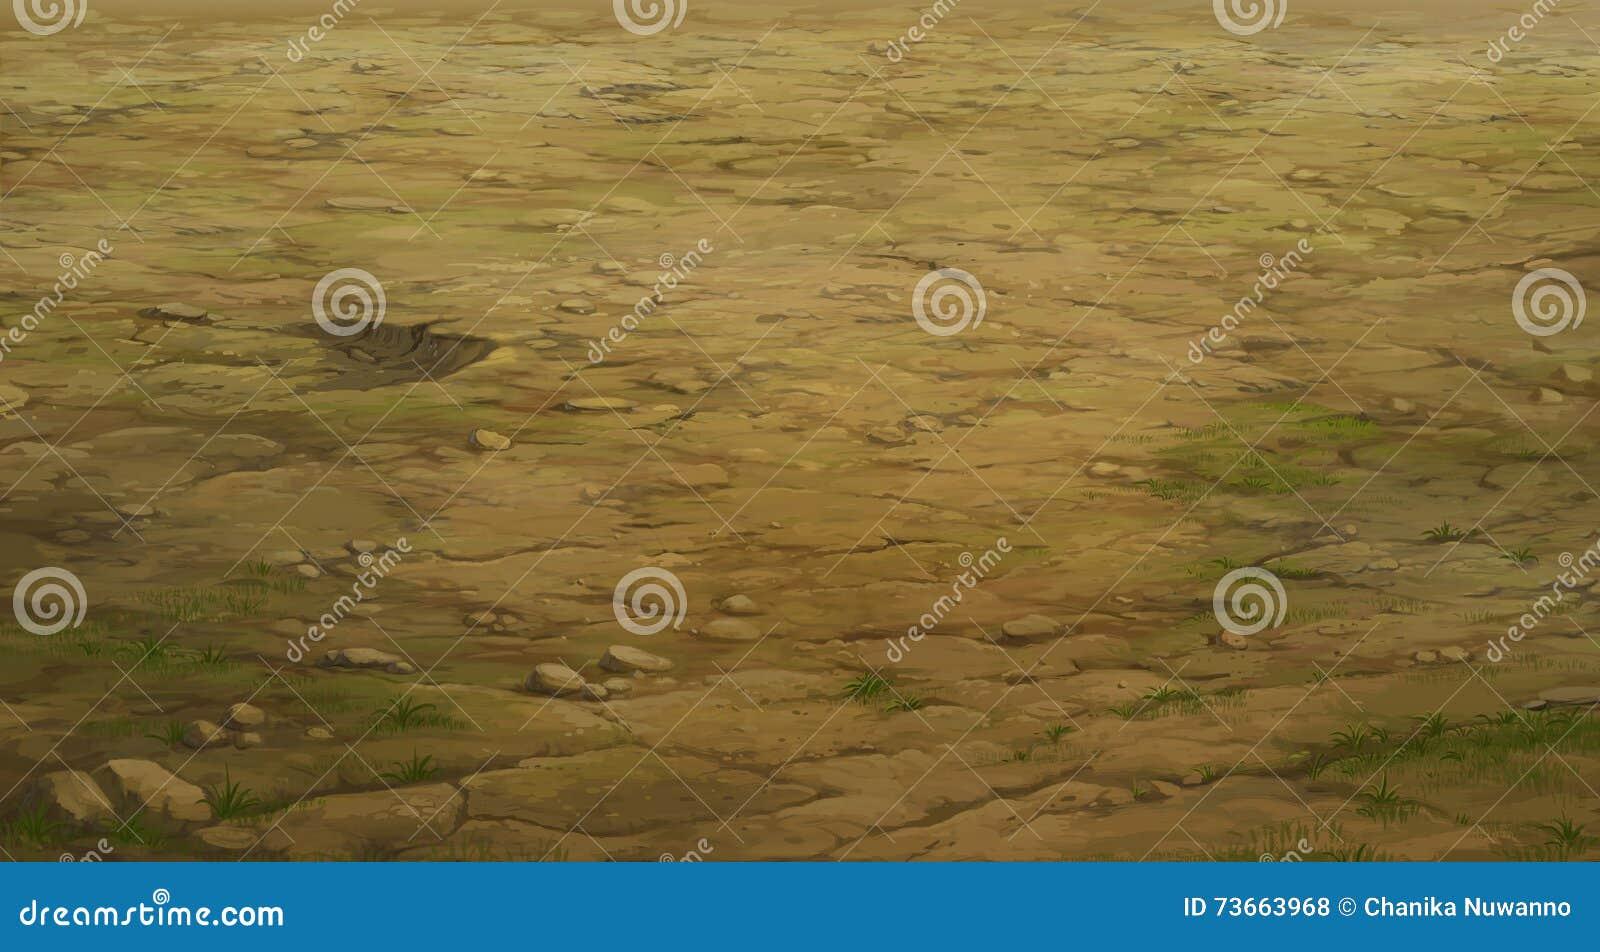 Soil Texture & Structure